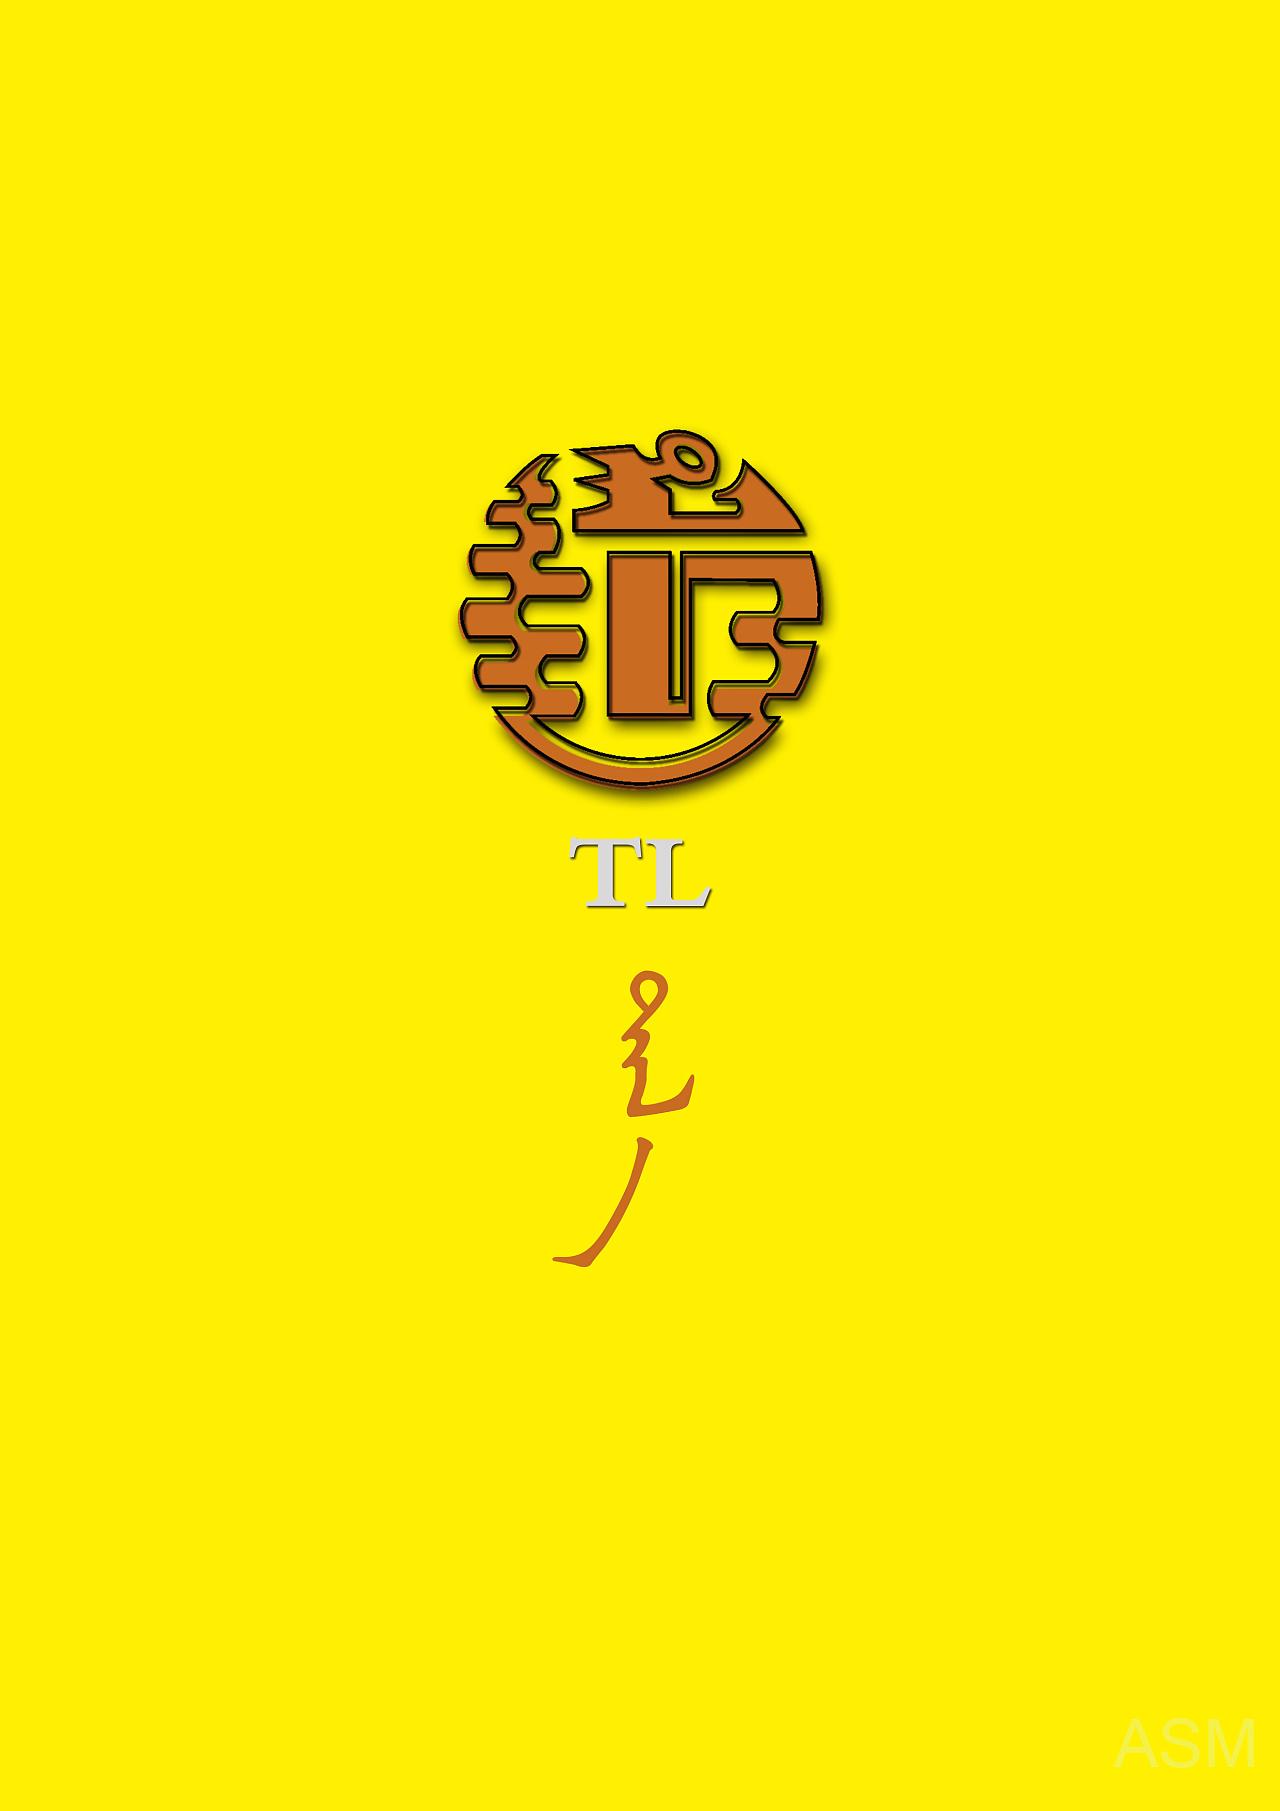 蒙古艺术文字2 -阿斯玛设计 第6张 蒙古艺术文字2 -阿斯玛设计 蒙古设计